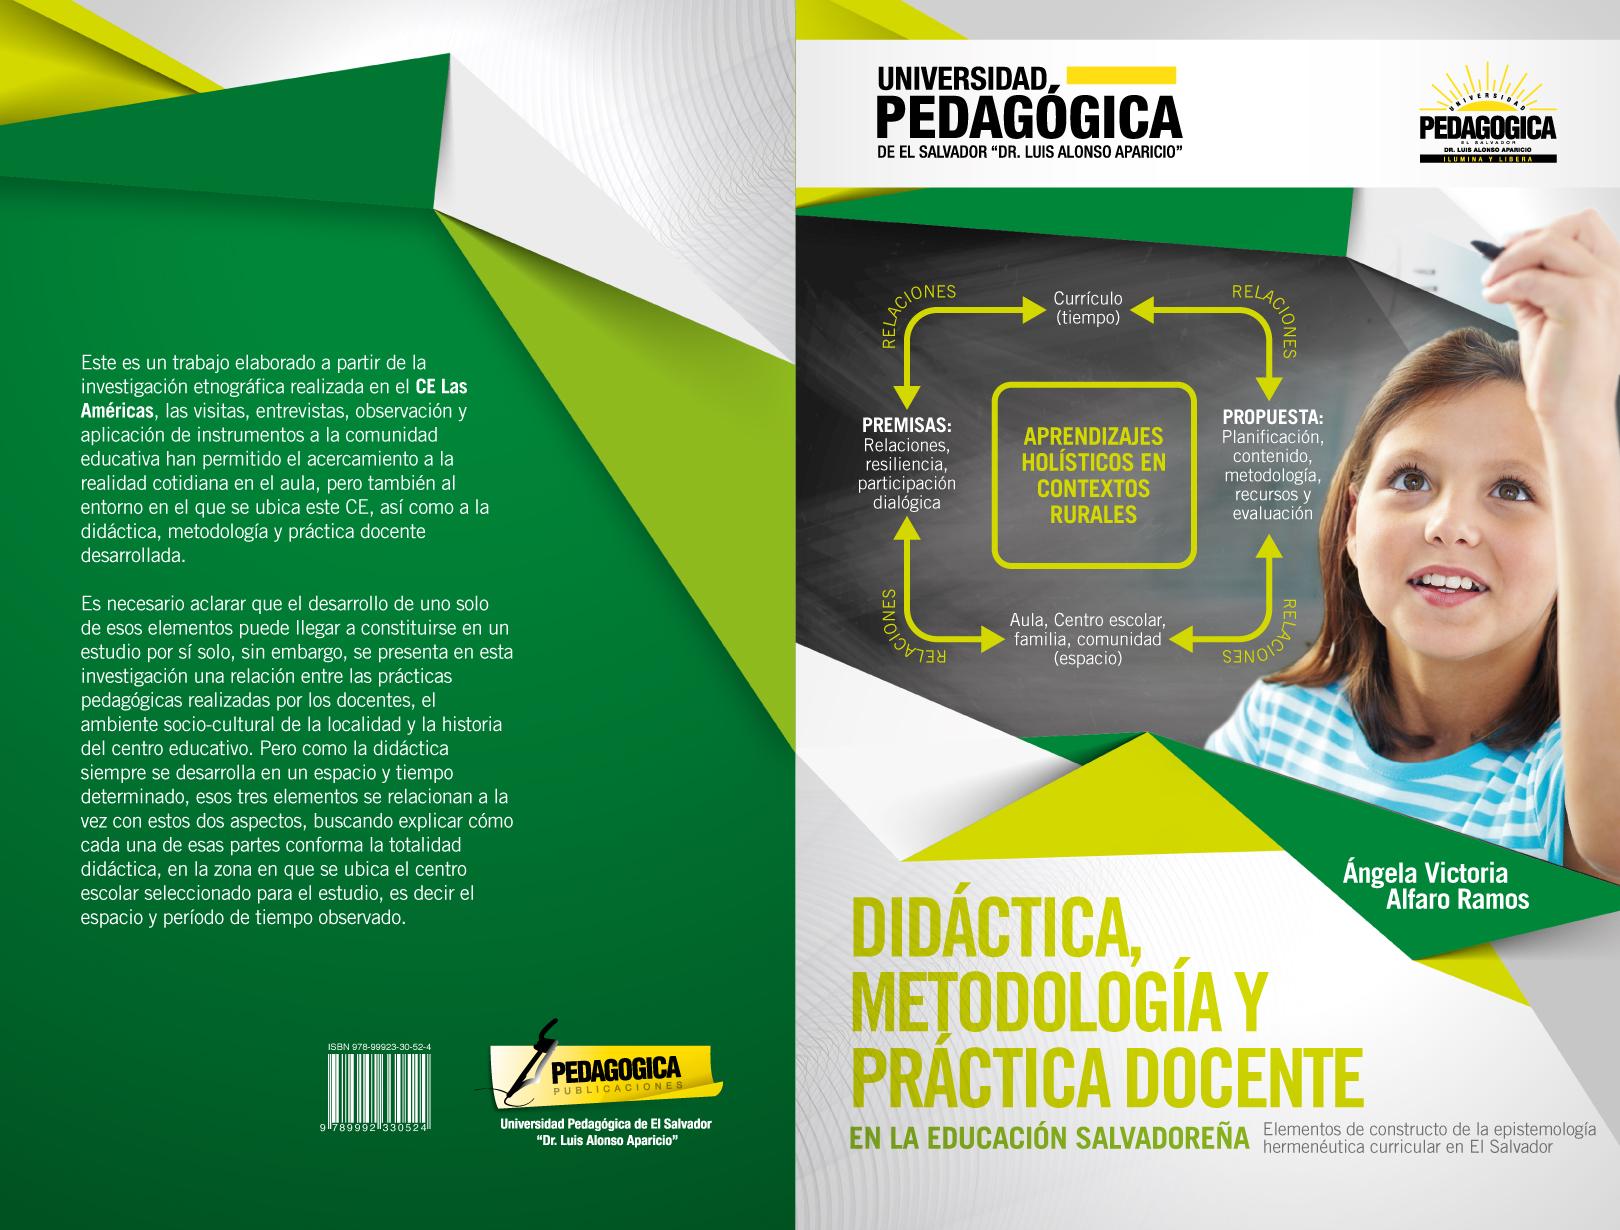 dictica metodologia y practica